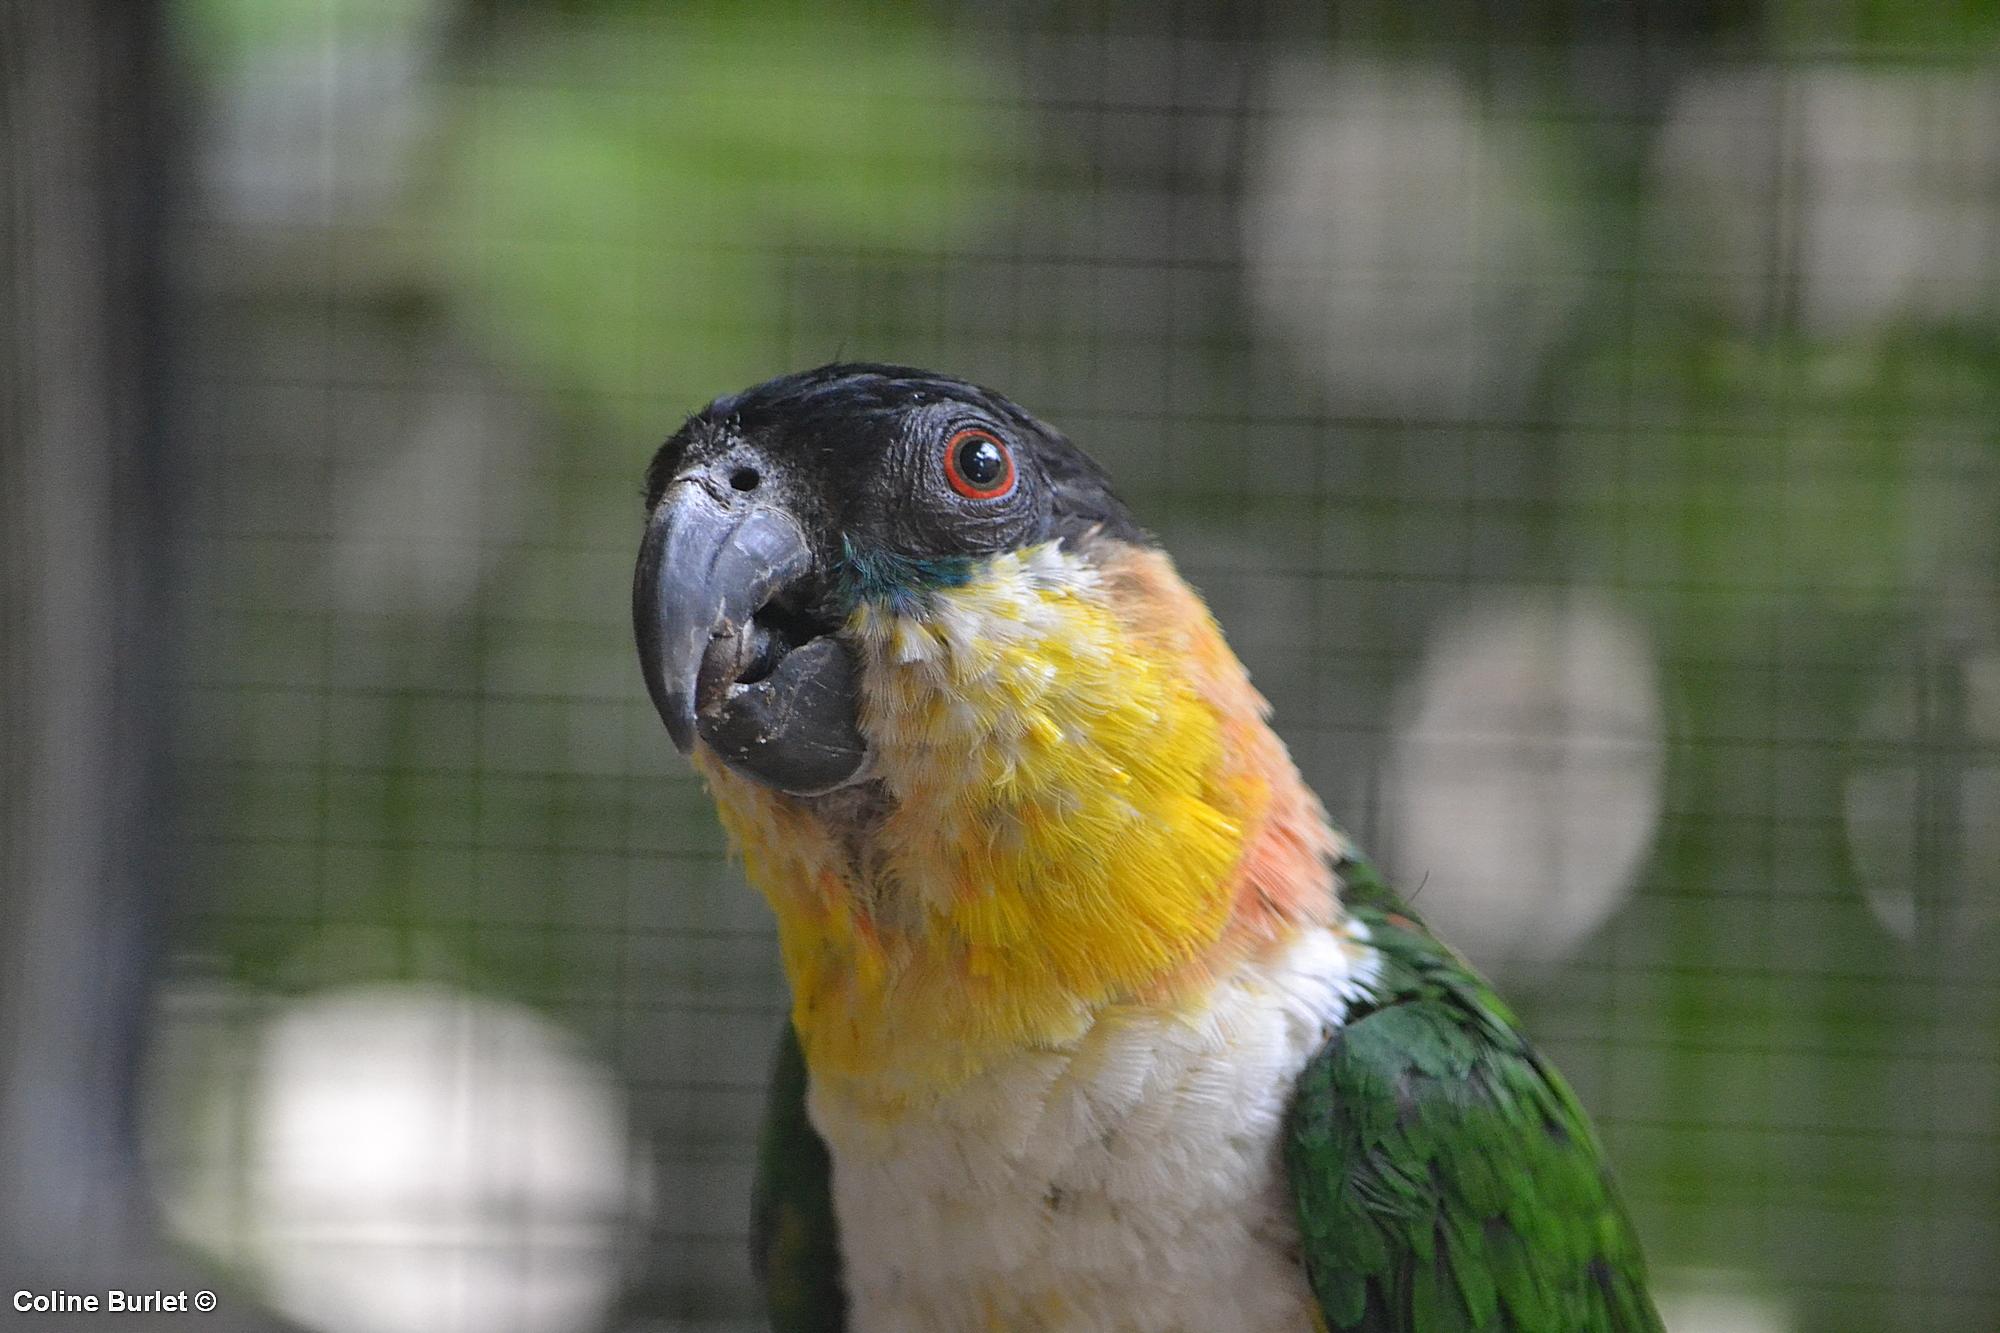 caïque maïpourri, protection des oiseaux exotiques